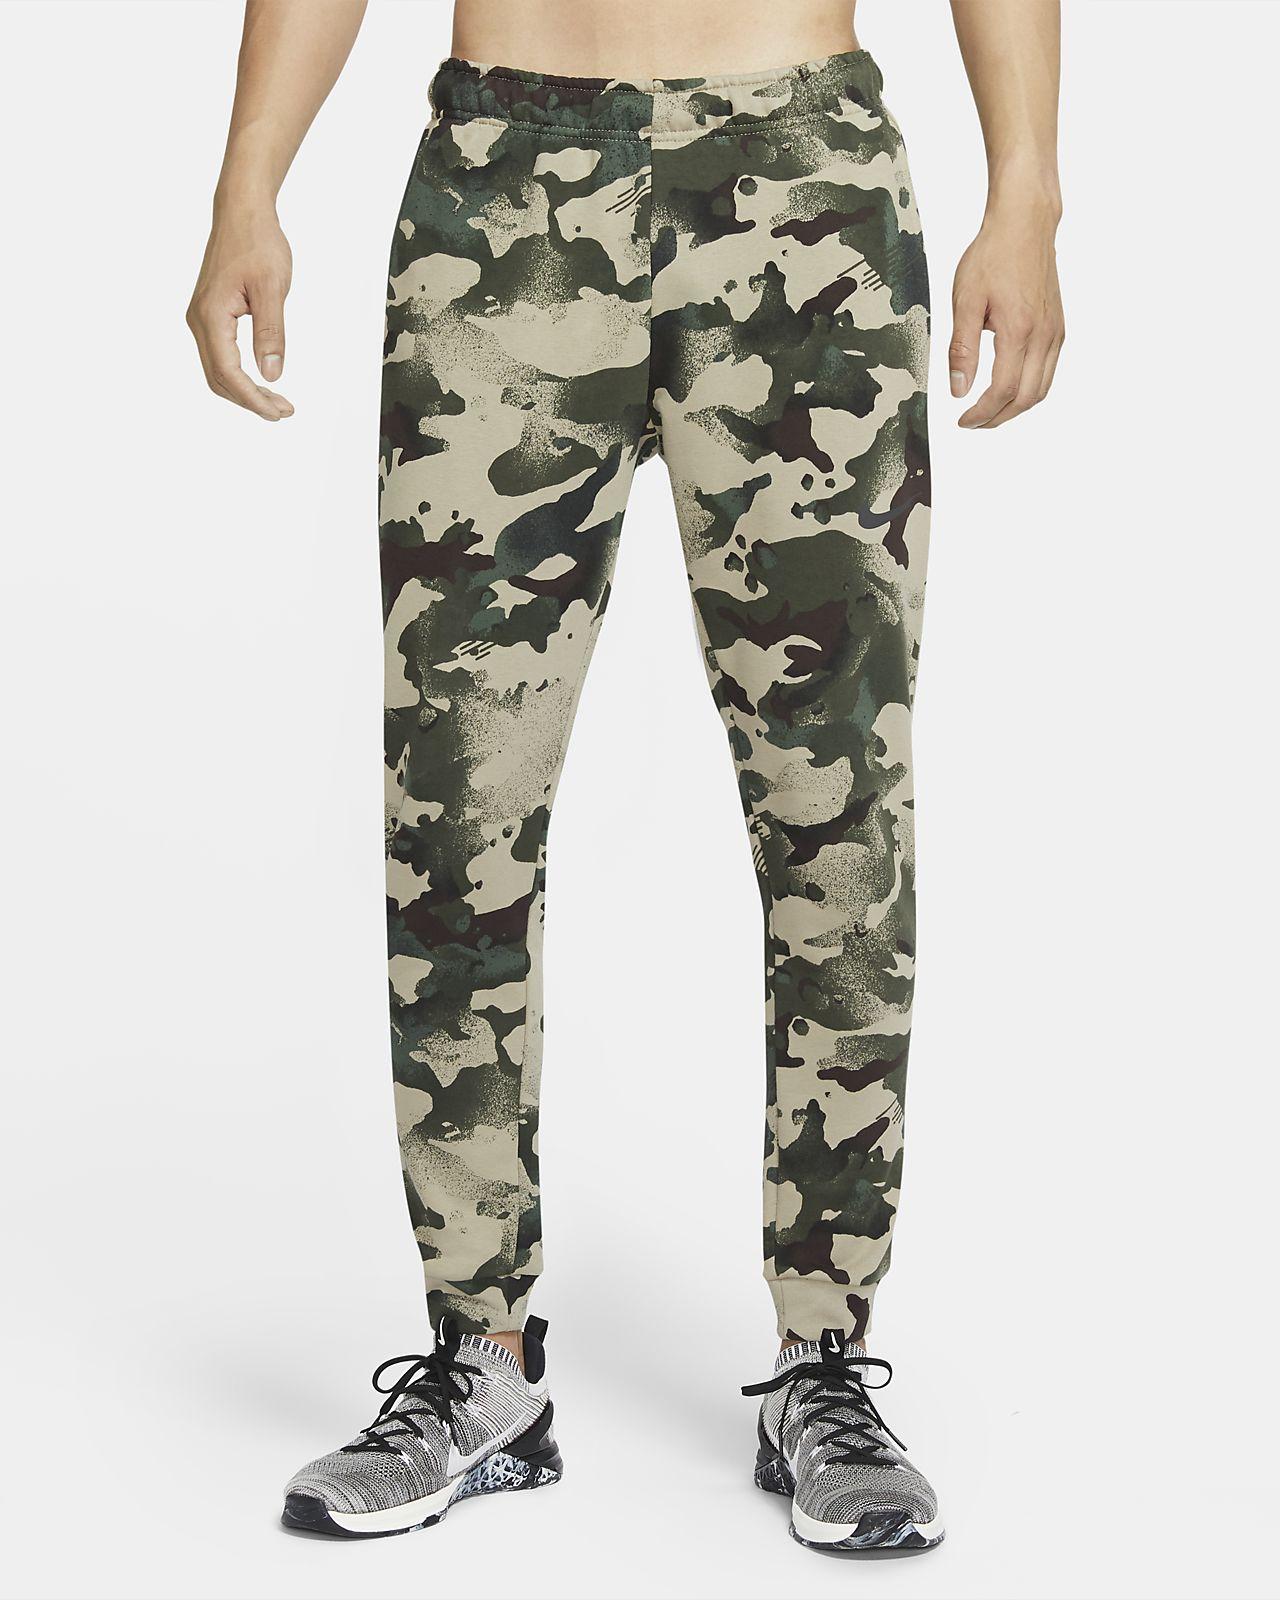 กางเกงเทรนนิ่งลายพรางผู้ชาย Nike Dri-FIT